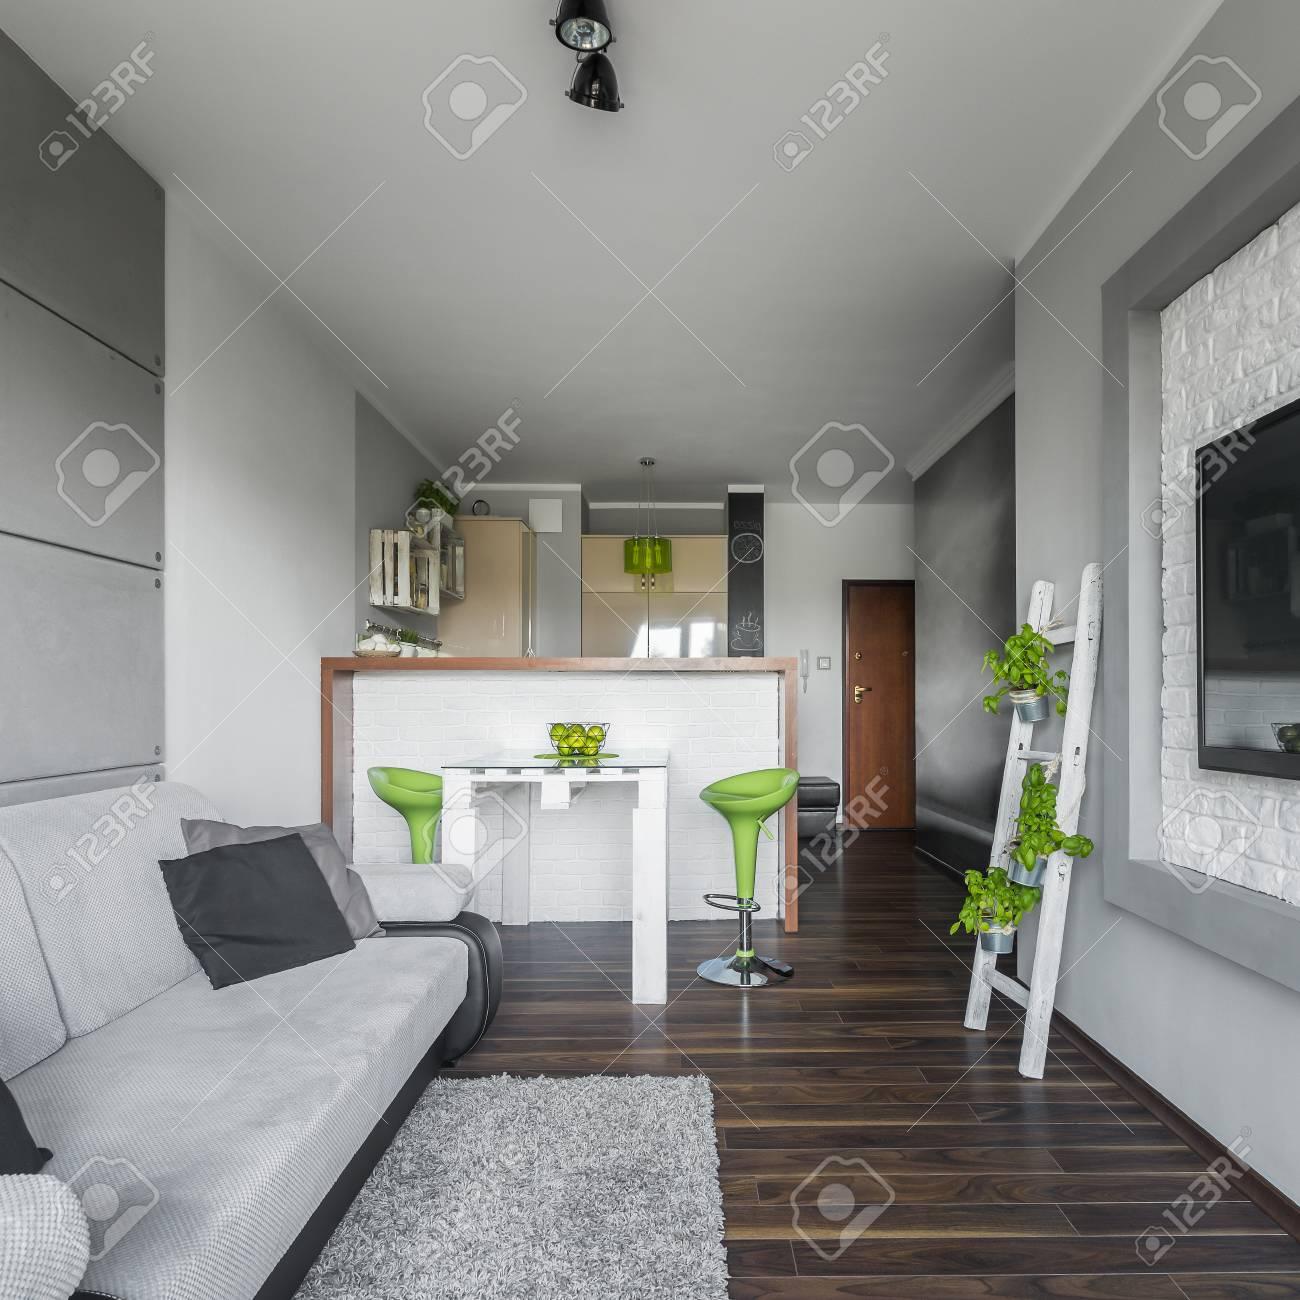 Moderne Wohnung Interieur Für Junge Menschen Mit Küche Und ...